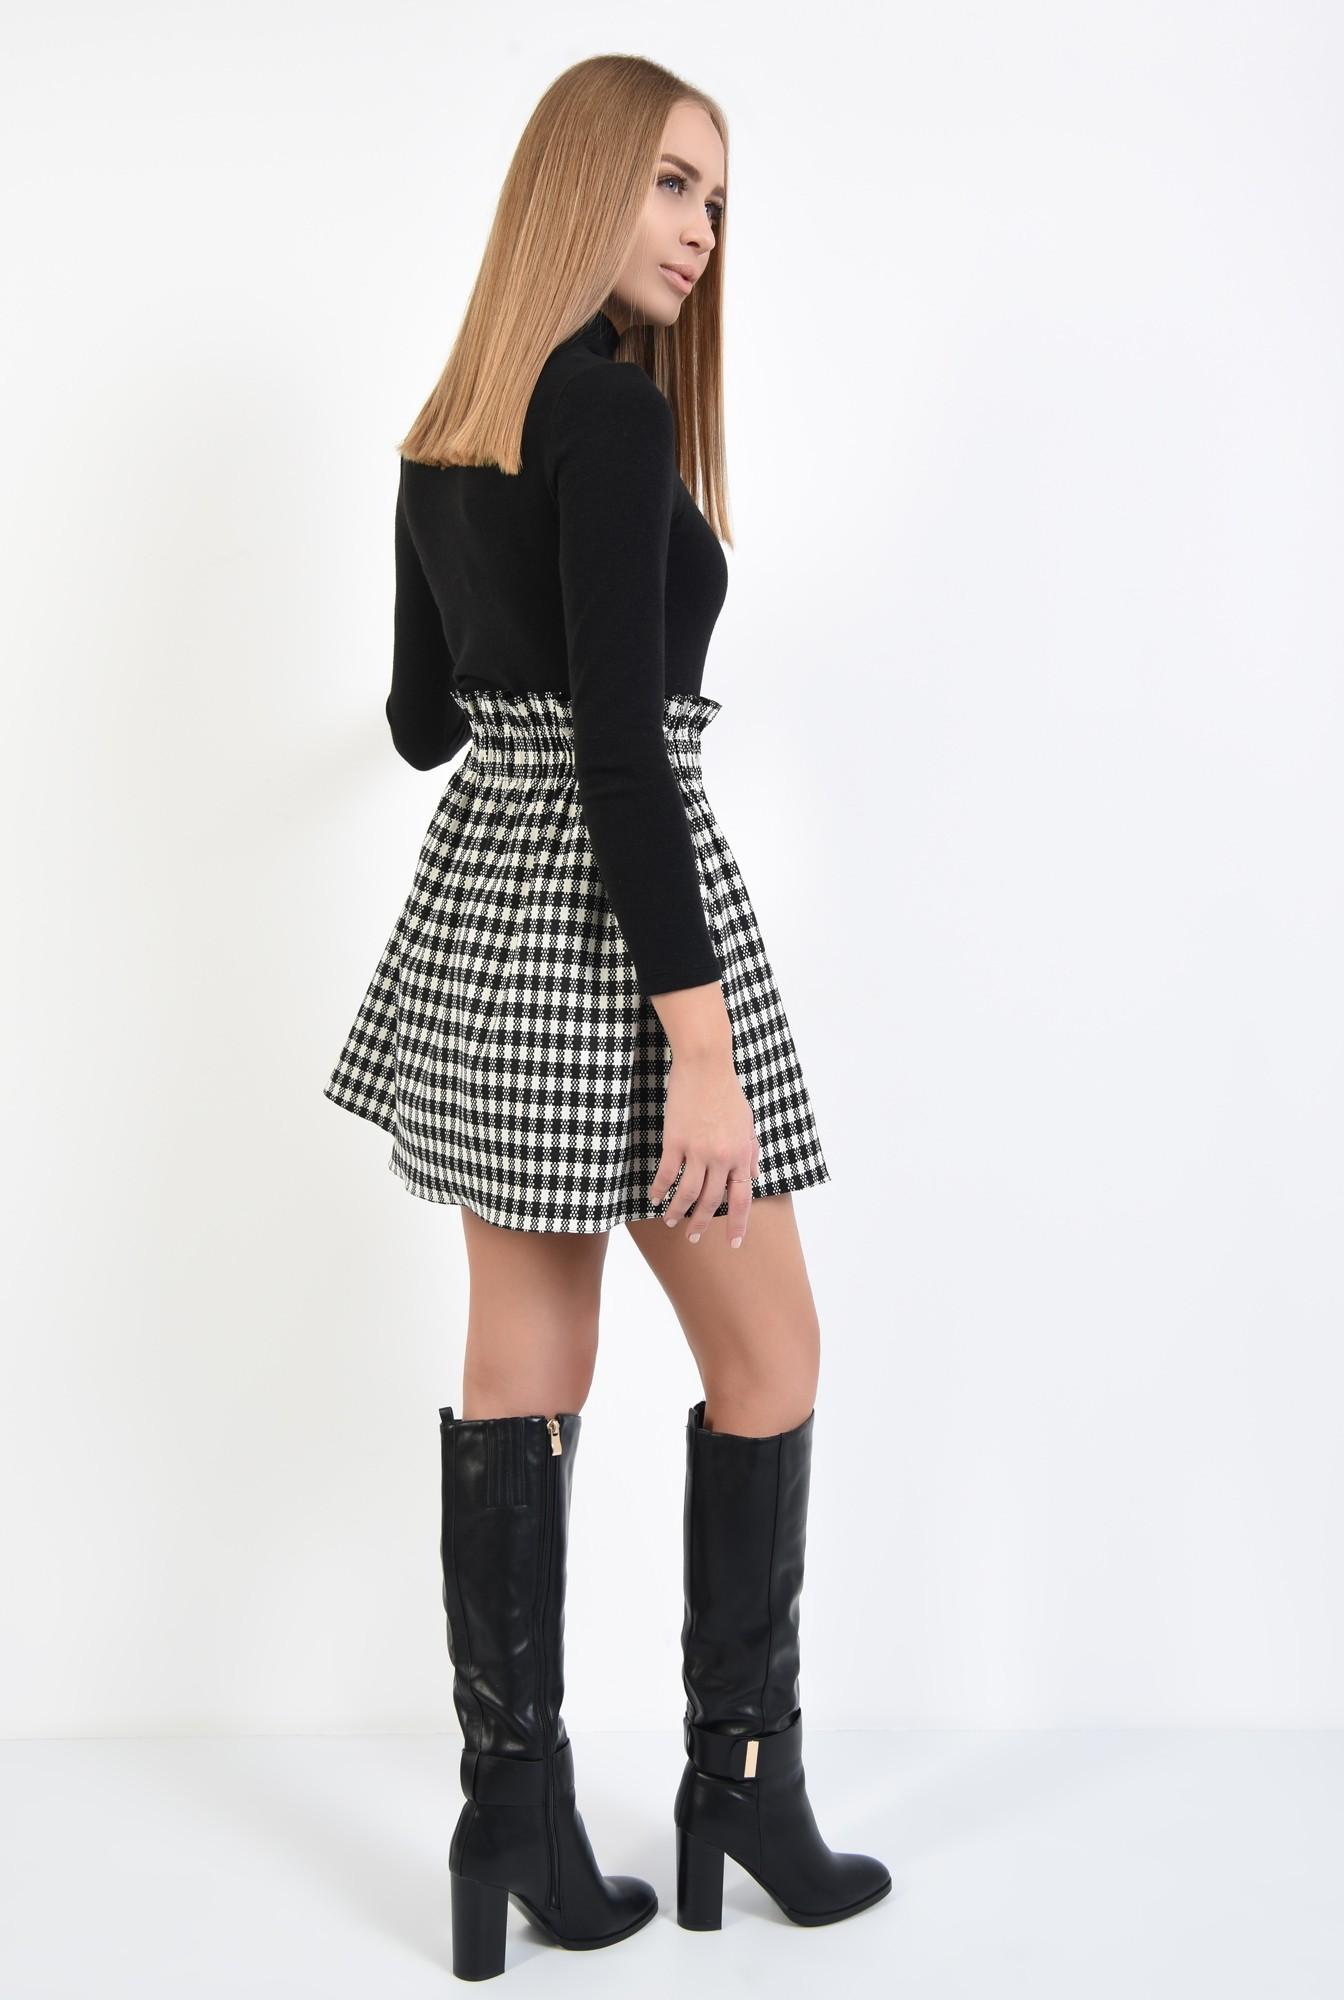 1 - fusta de zi, carouri alb-negru, mini, buzunare